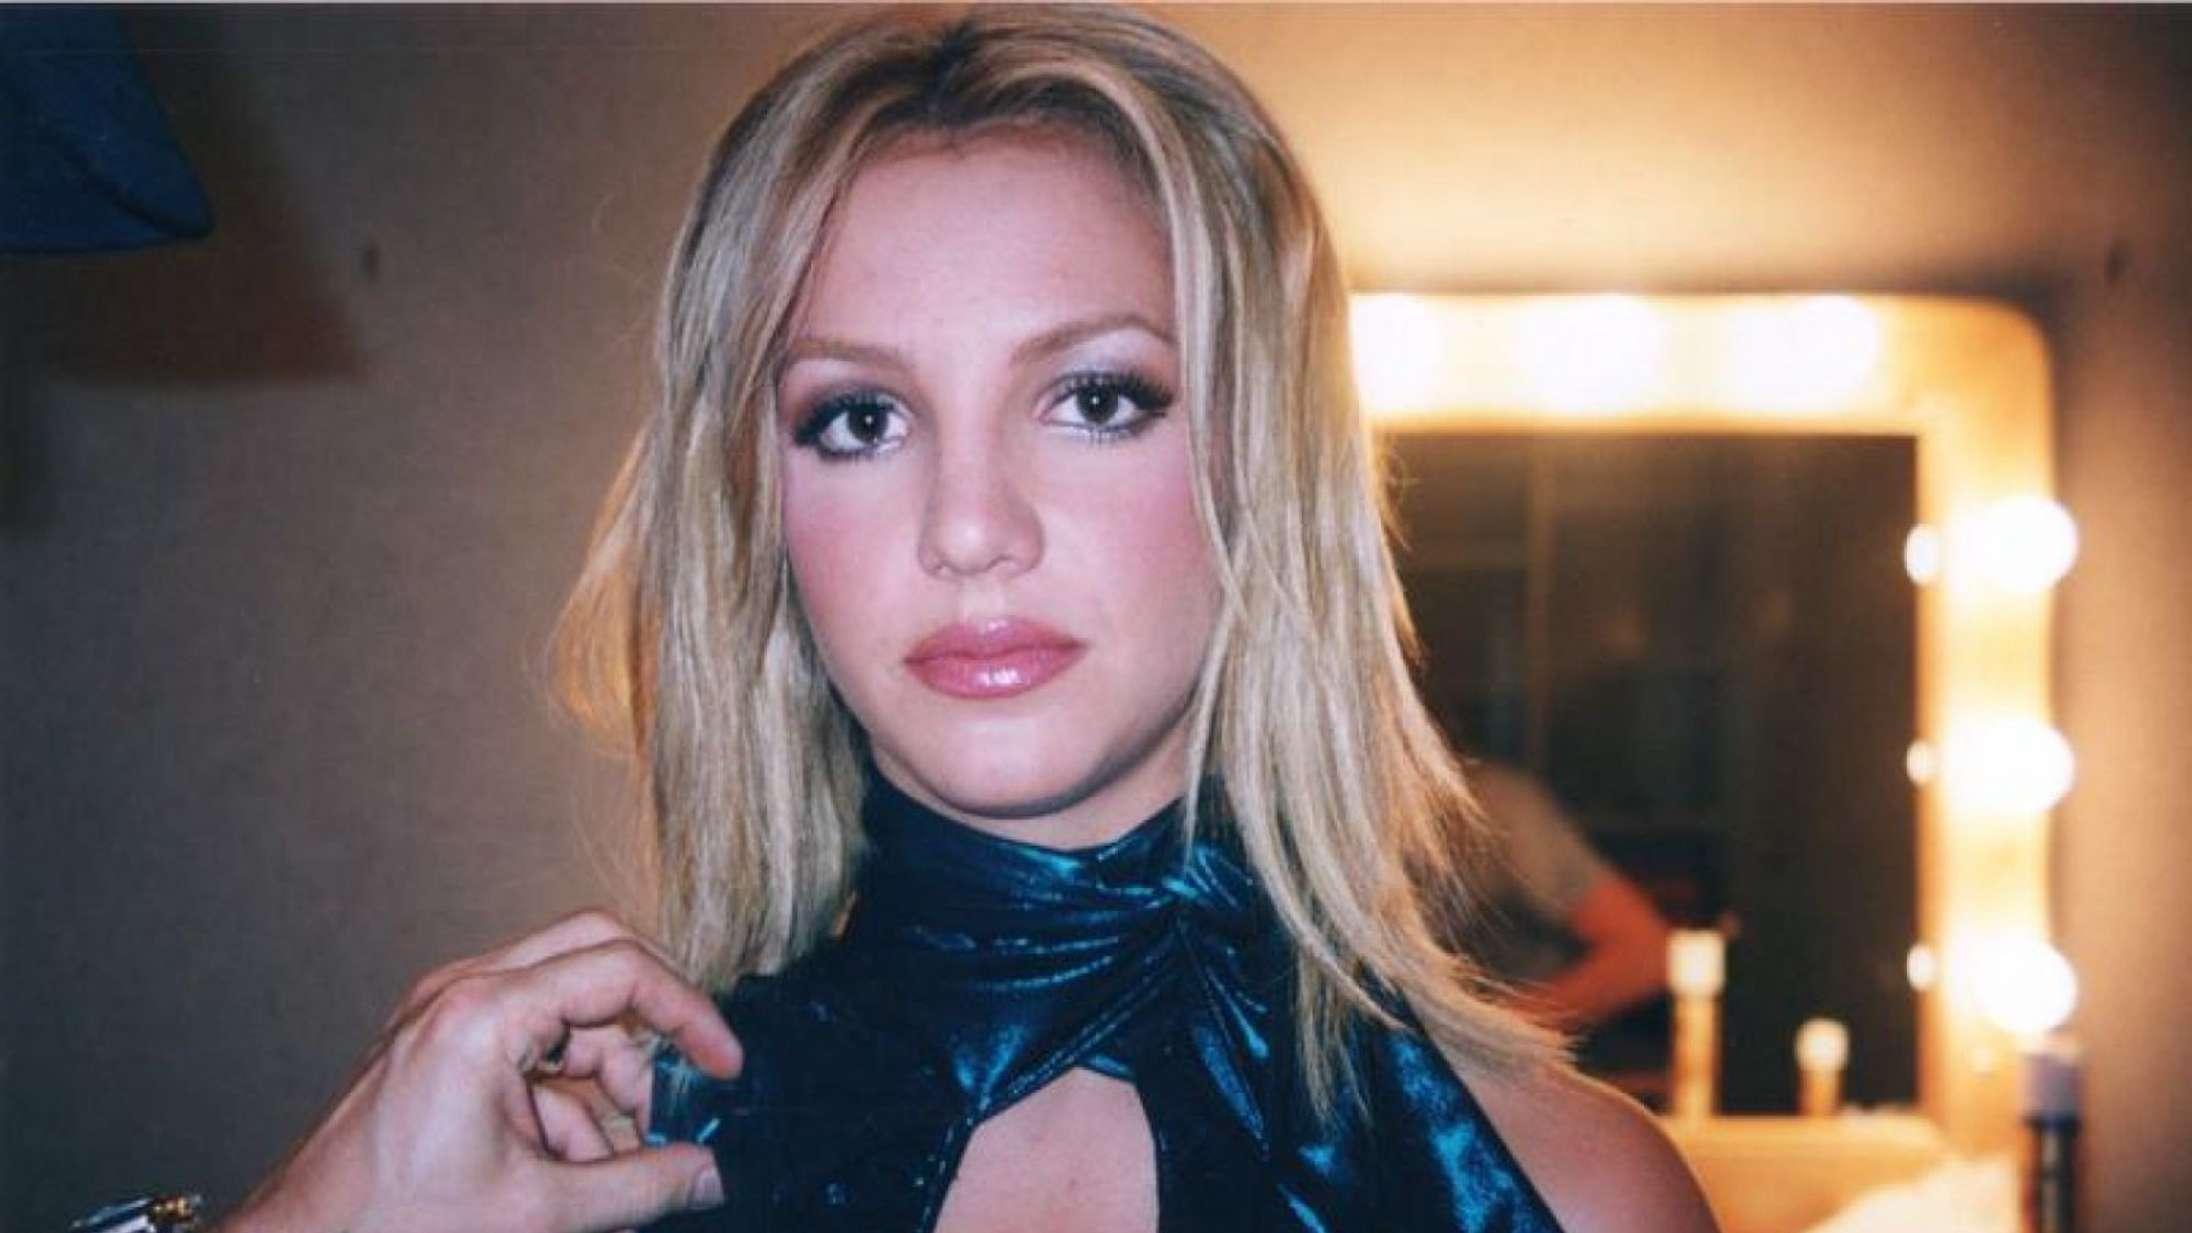 'Framing Britney Spears': Omdiskuteret Britney-dokumentar bør være et wakeupcall for os alle